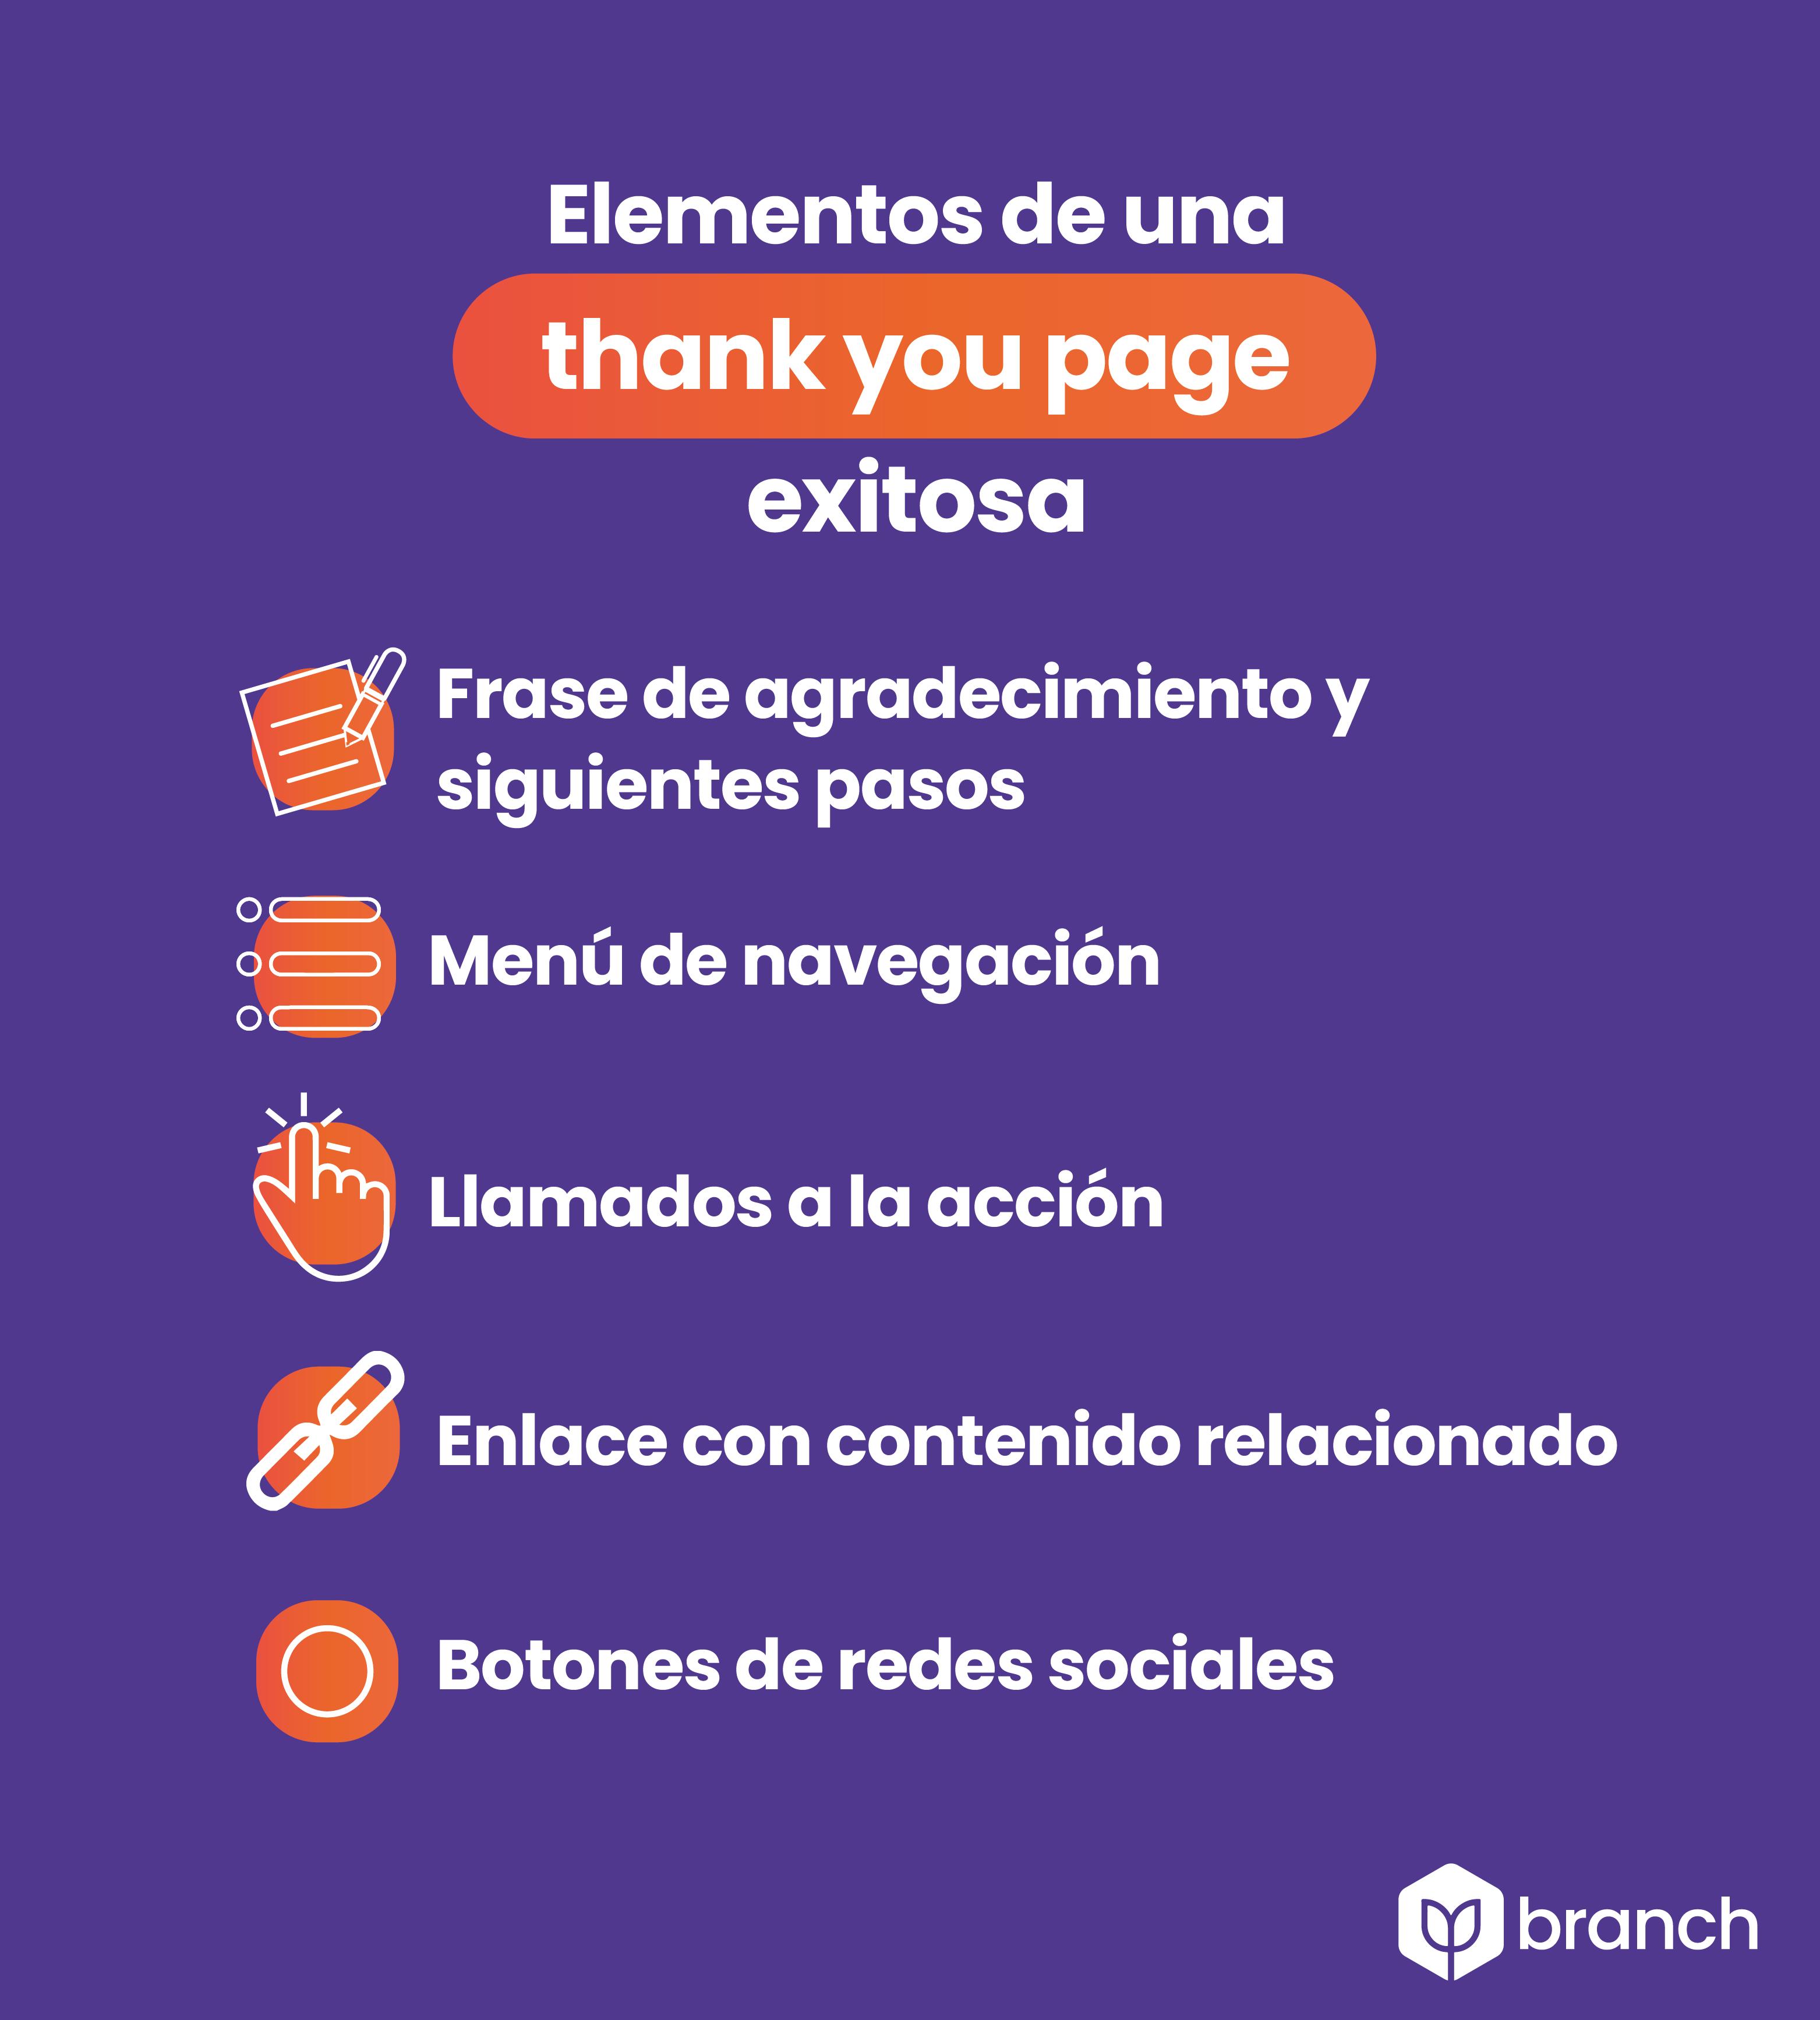 elementos-de-una-thank-you-page-exitosa